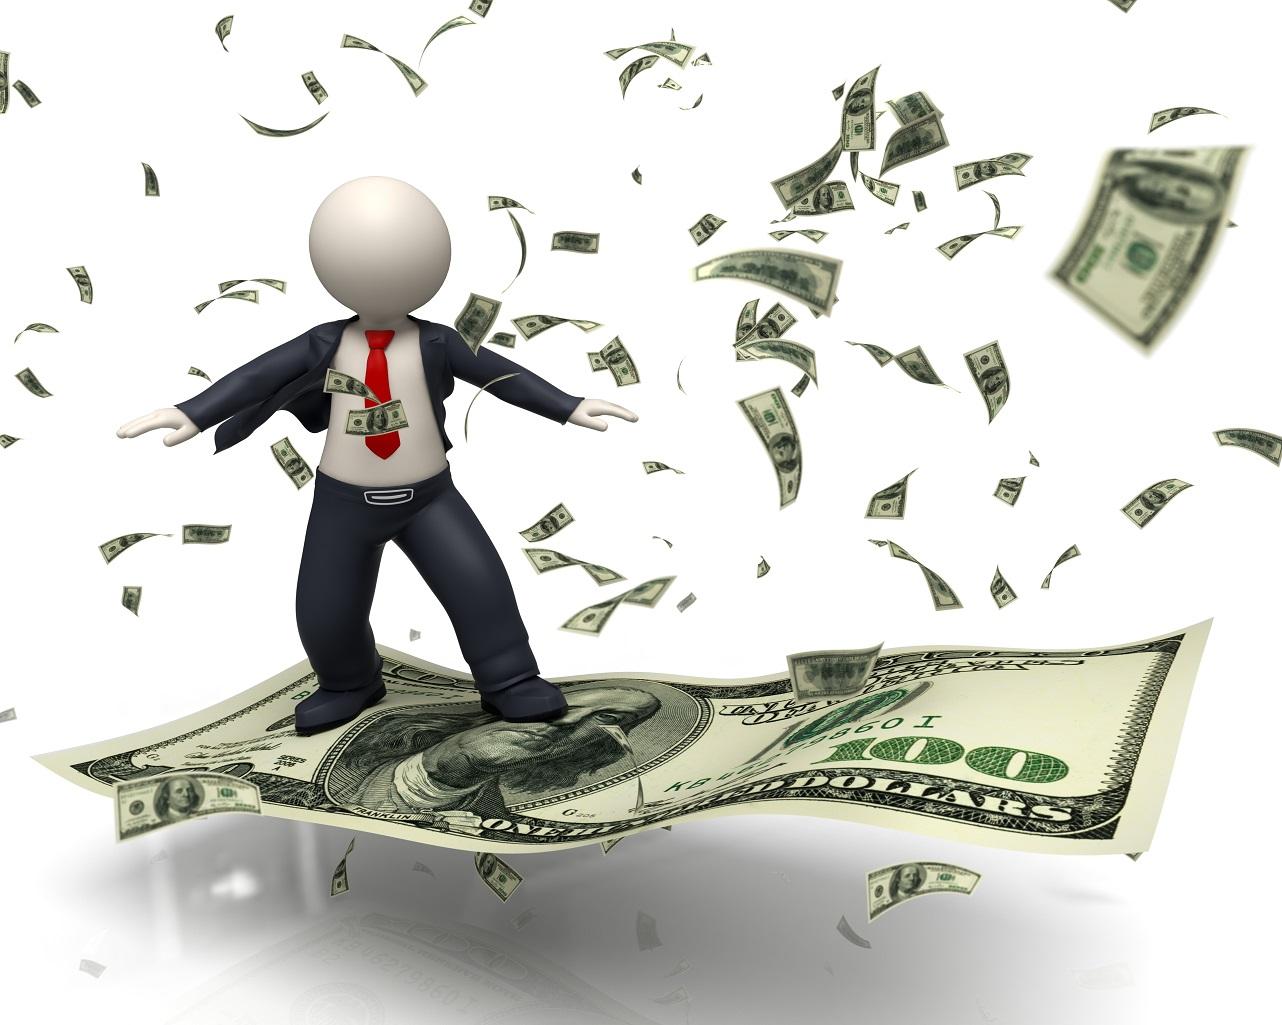 hogyan lehet pénzt keresni, ha nincs pénz akadémia sikeres kereskedés 2 0 promóciós kód